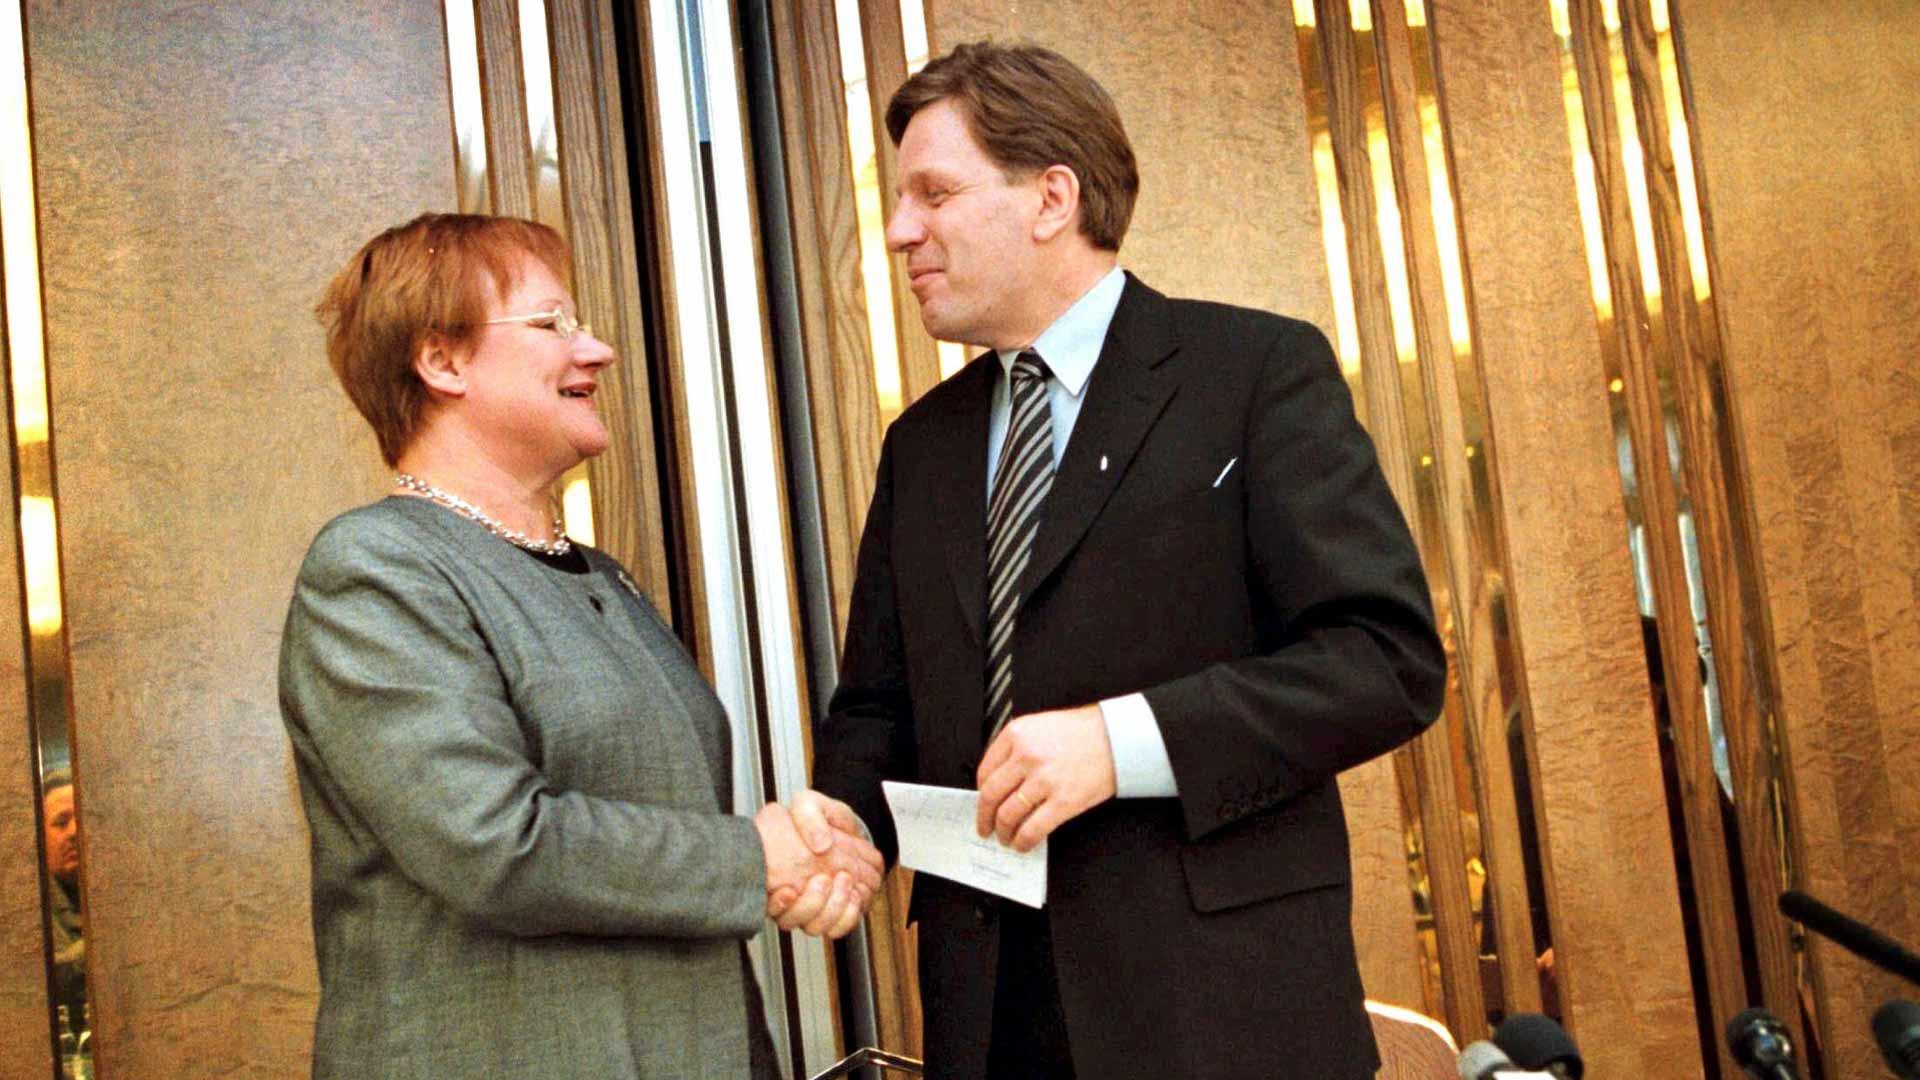 Esko Aho luotsasi Suomen 1990-luvun hirvittävän laman läpi, ja kansa kiitti äänestämällä tilalle pääministeriksi Paavo Lipposen ja presidentiksi Tarja Halosen.